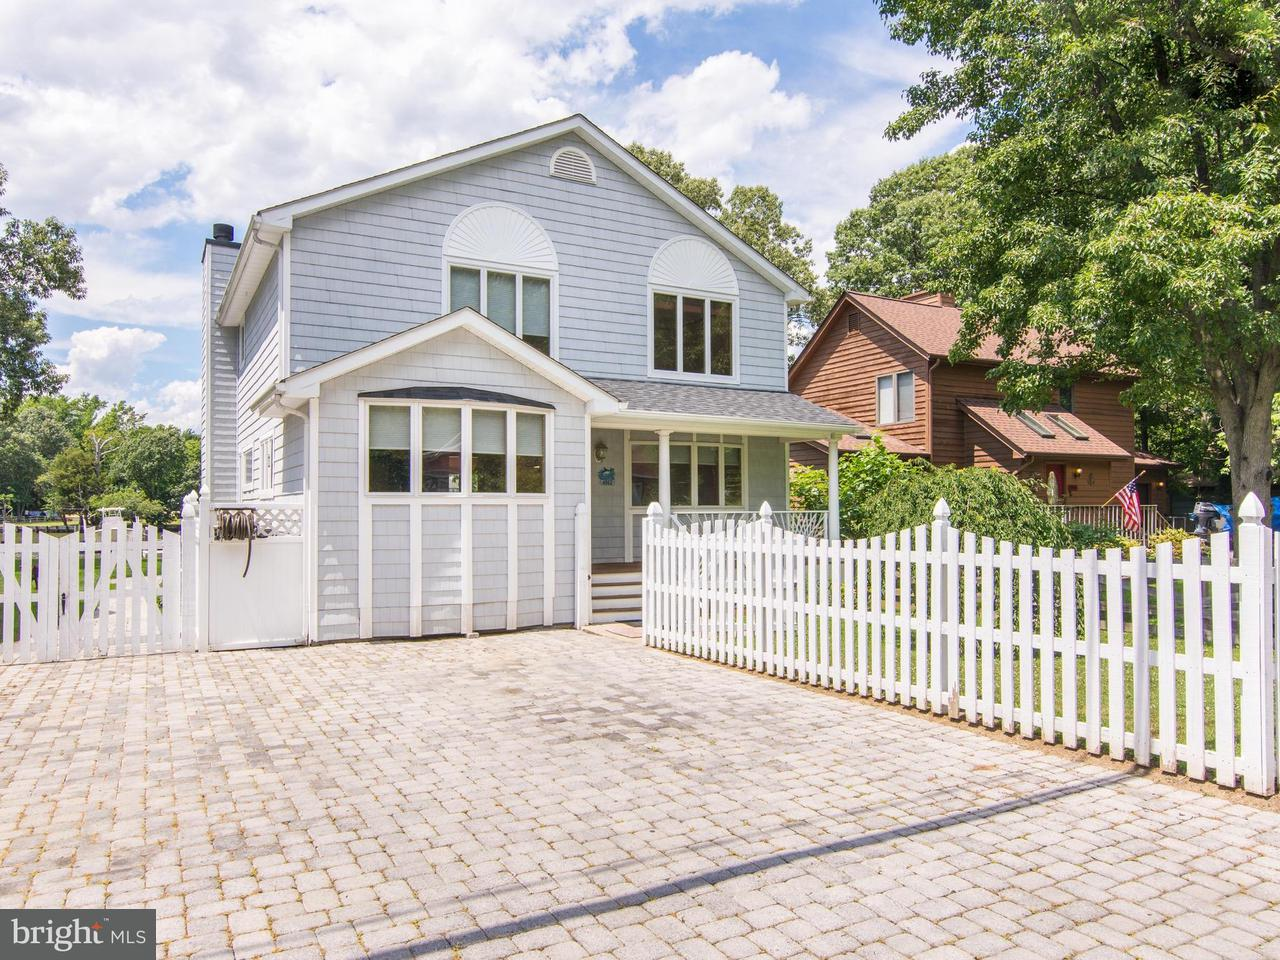 Частный односемейный дом для того Продажа на 4962 Lerch Drive 4962 Lerch Drive Shady Side, Мэриленд 20764 Соединенные Штаты